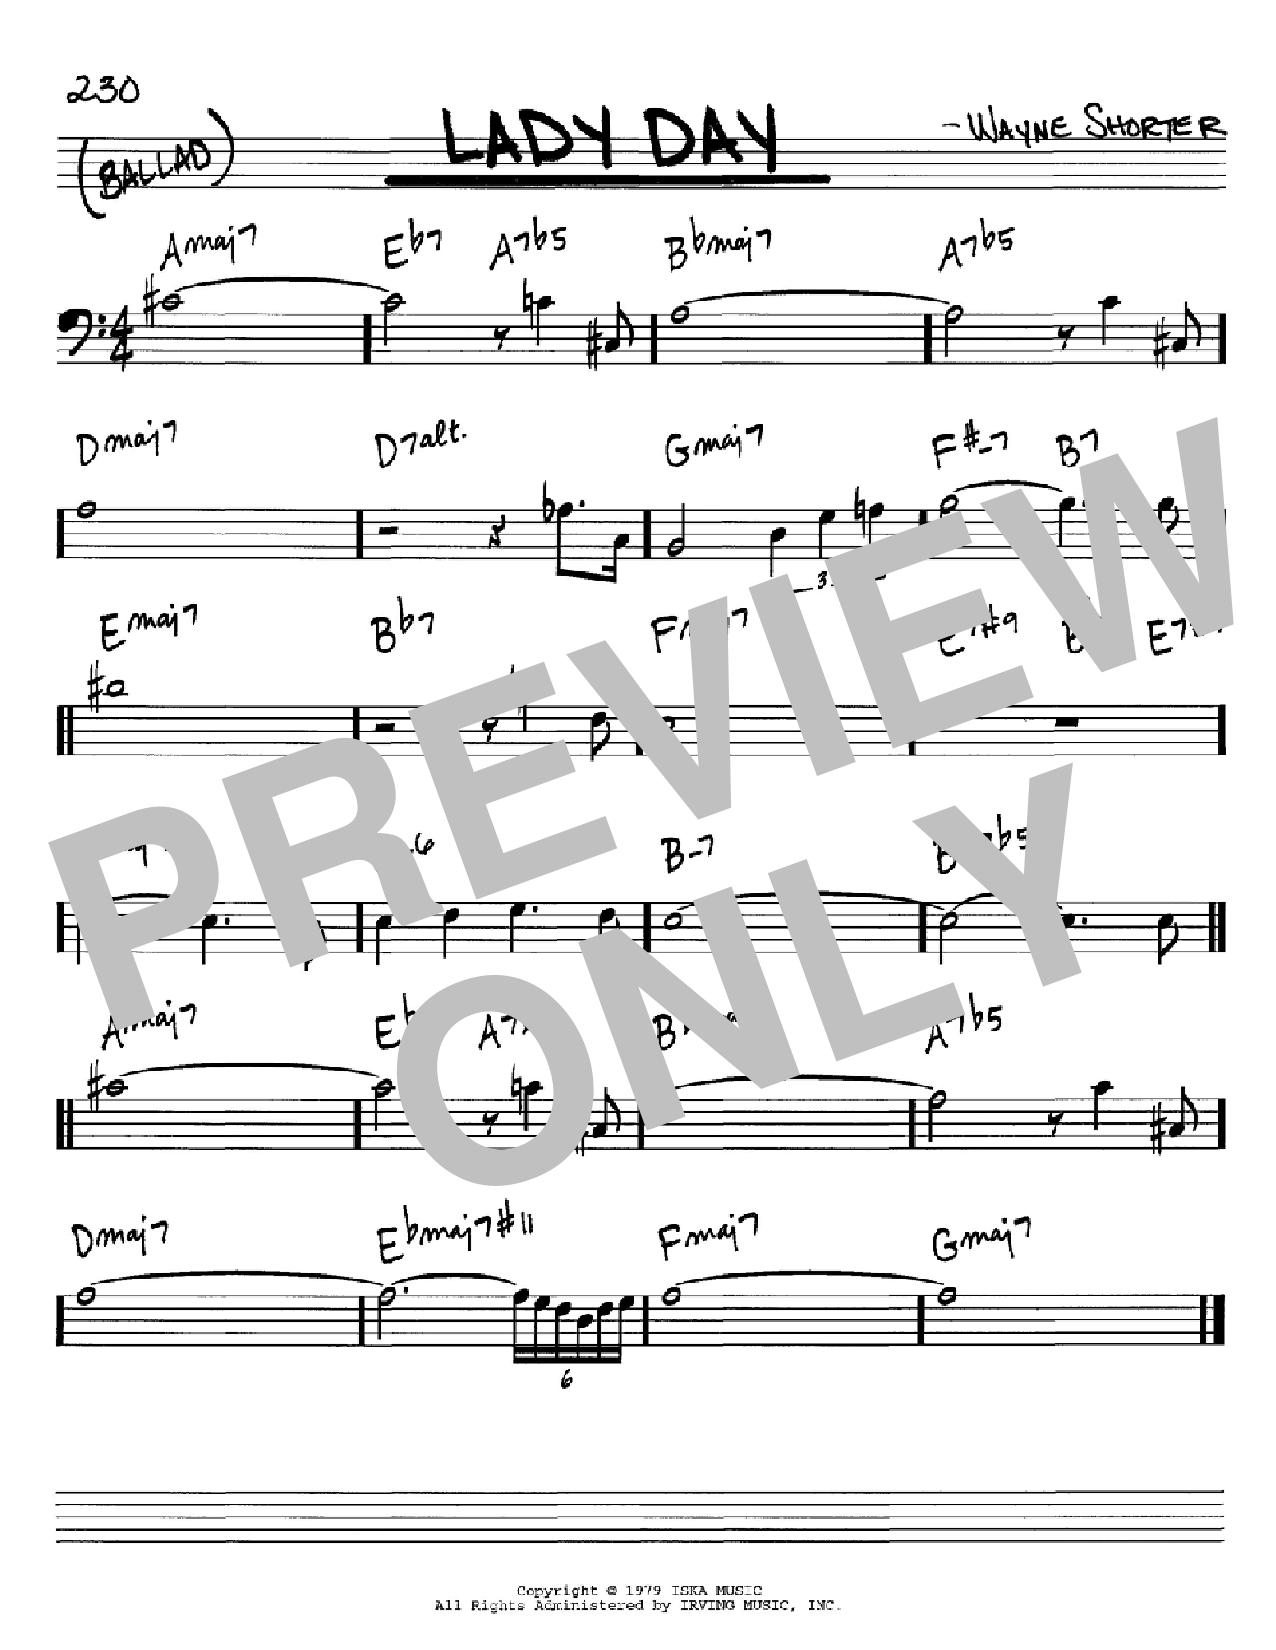 Partition autre Lady Day de Wayne Shorter - Real Book, Melodie et Accords, Inst. En cle de Fa